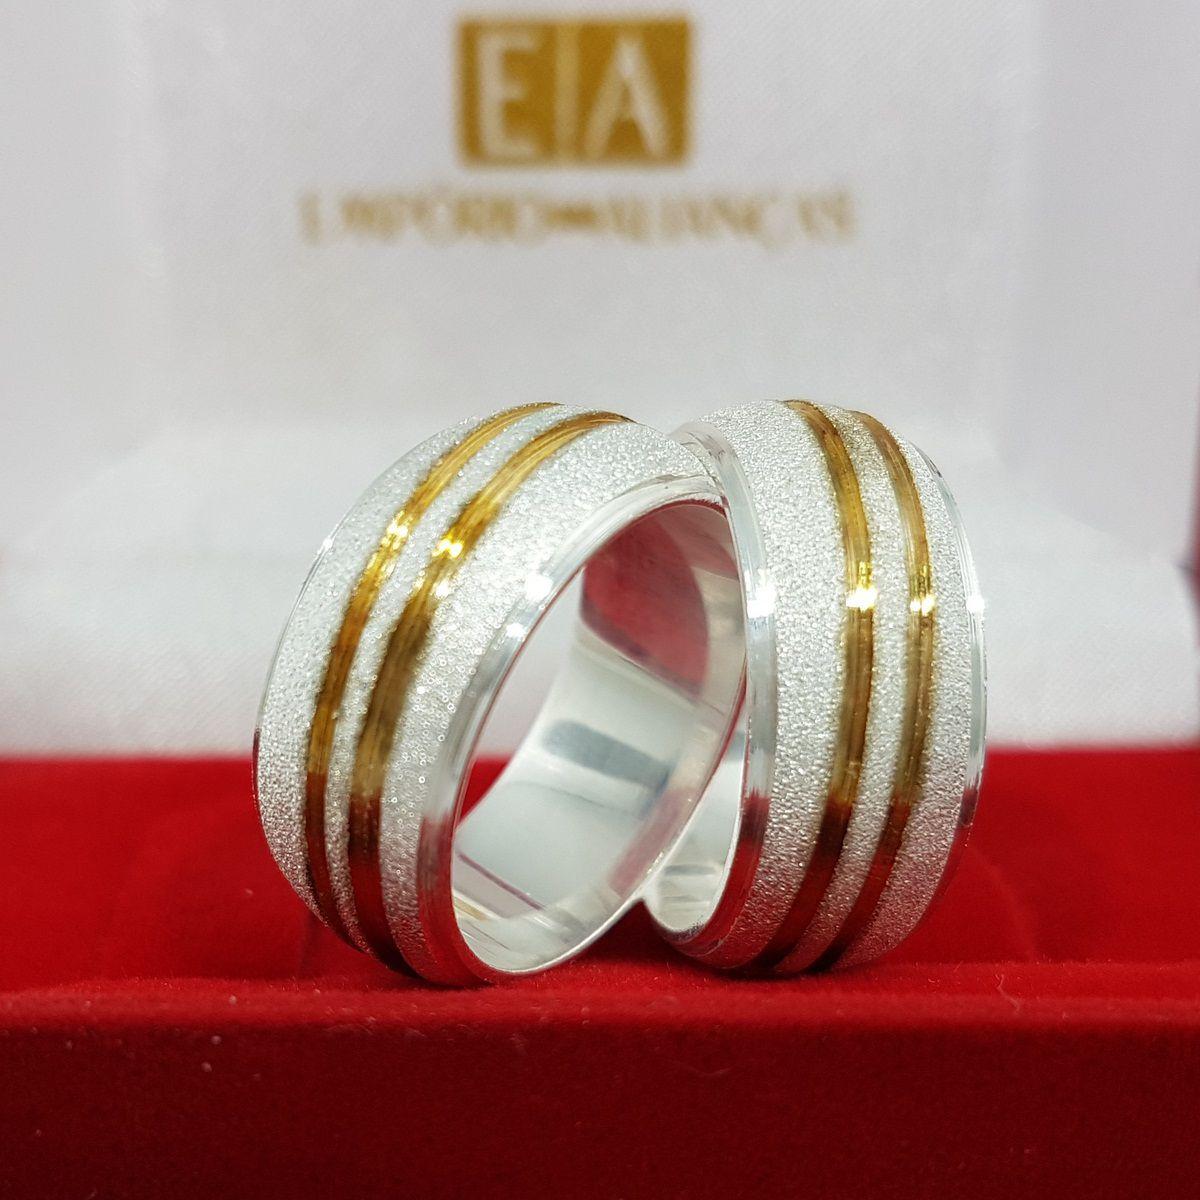 Alianças Prata Compromisso Namoro Redonda Banho Ouro Fosco Diamantado 9mm 18 Gramas Anatômica